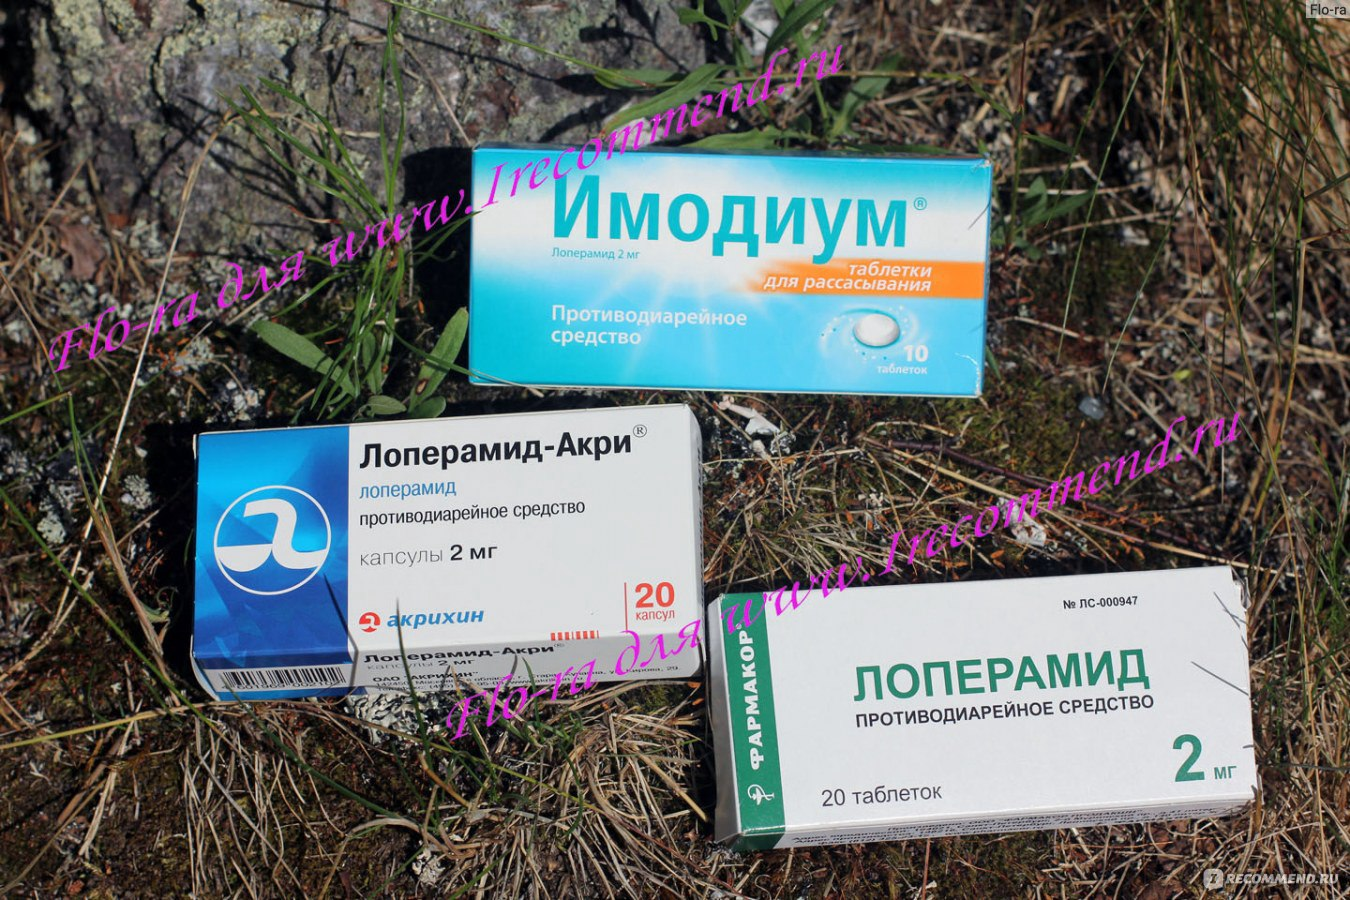 Имодиум: инструкция по применению, аналоги и отзывы, цены в аптеках россии